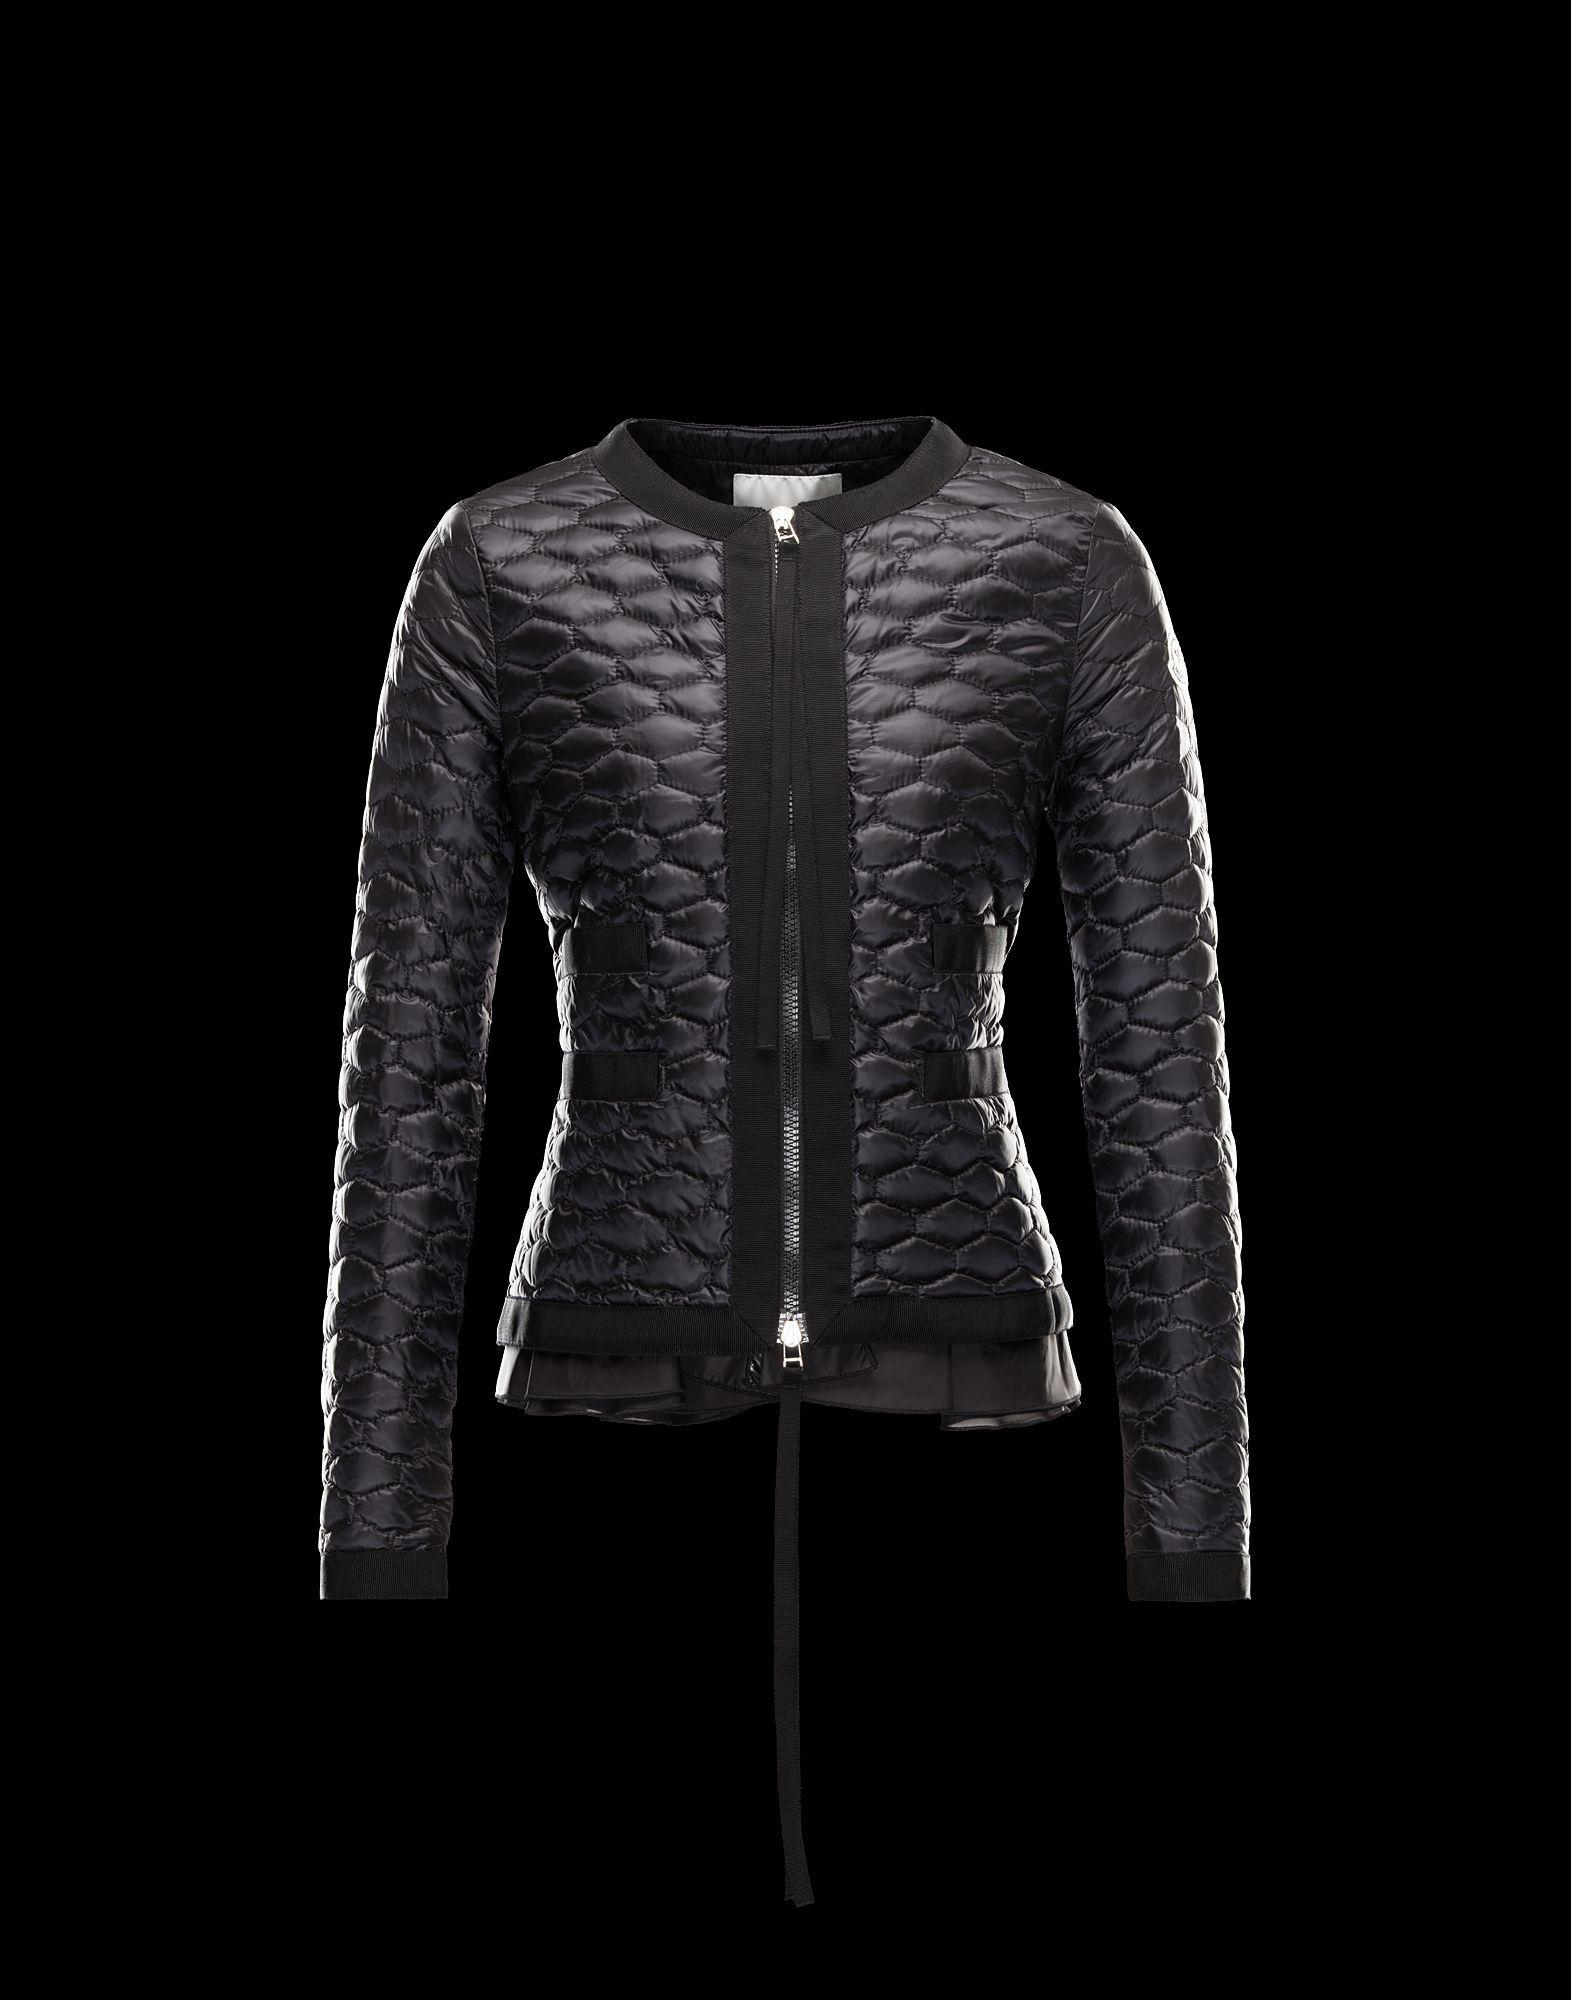 moncler jacket summer